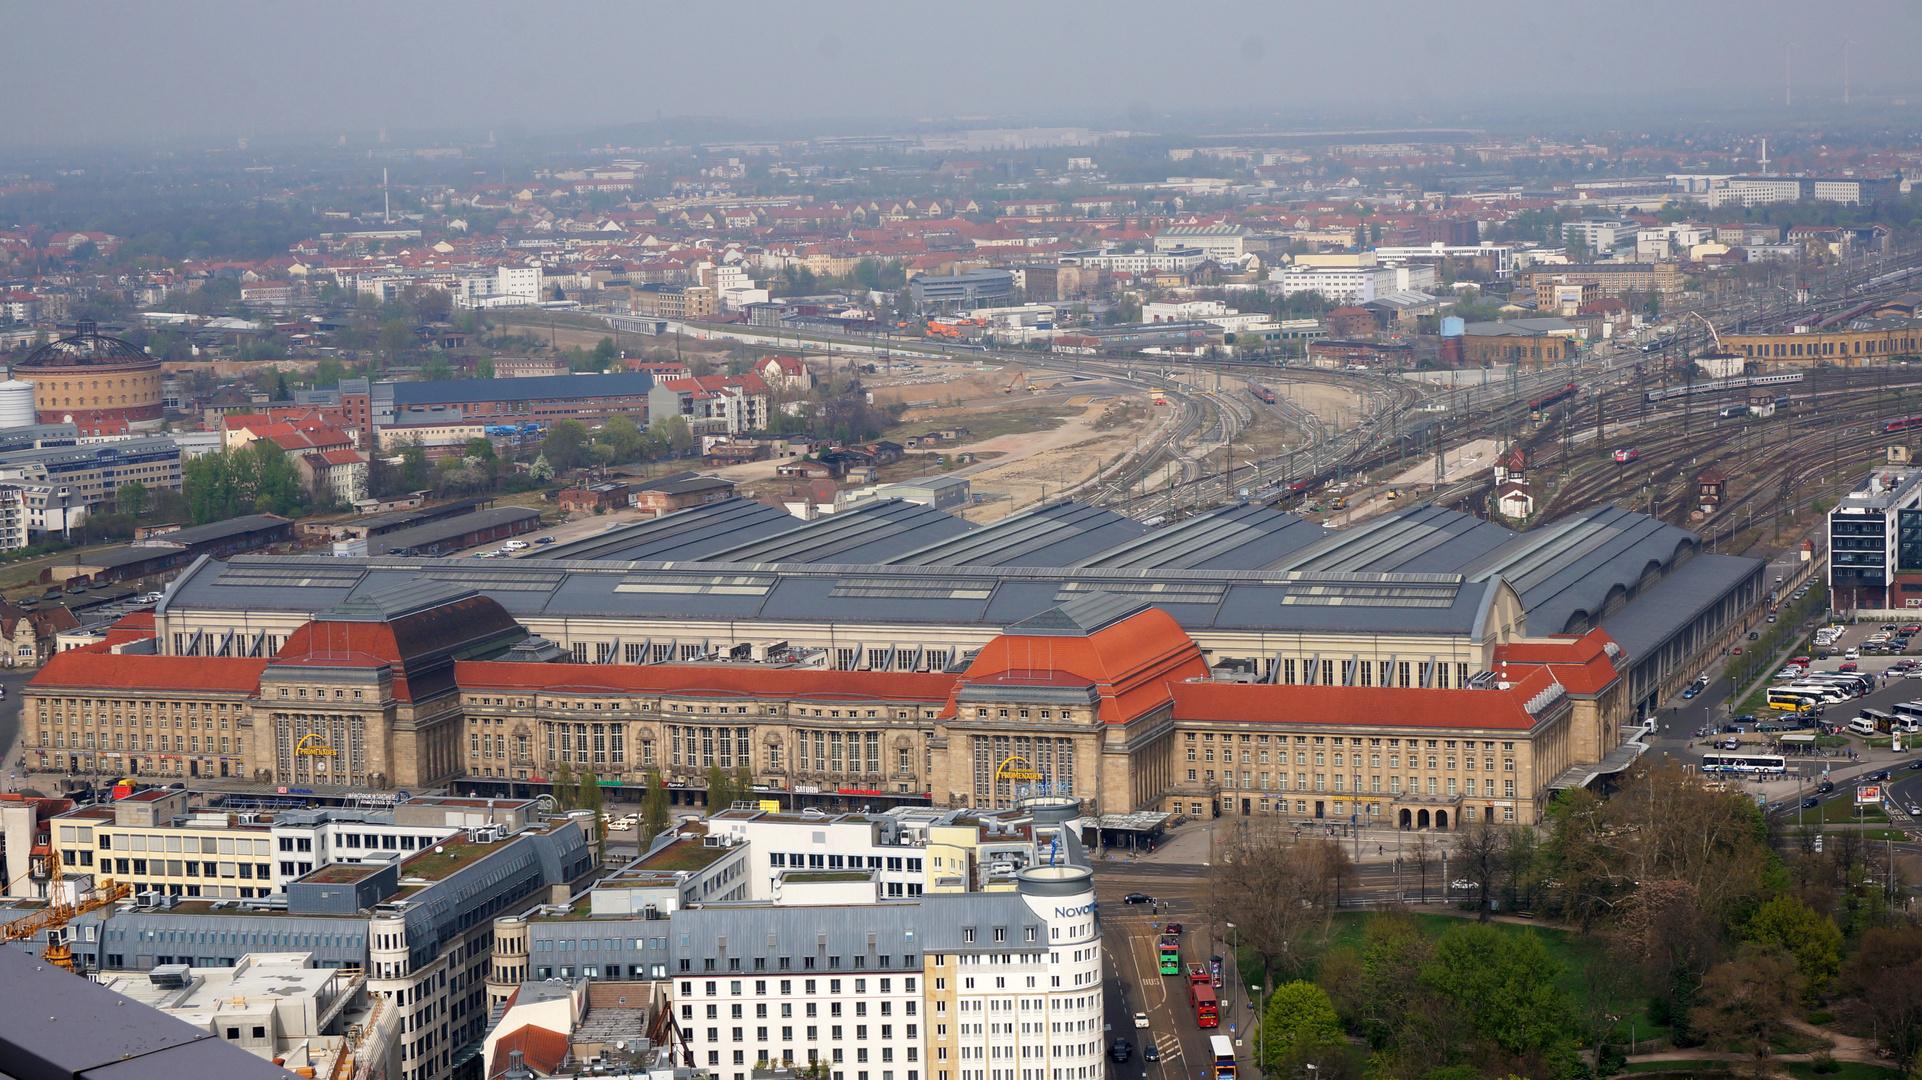 Leipzig Hauptbahnhof, innen als Einkaufszentrum sehr schöner gestalteter Bahnhof, einst Kopfbahnhof